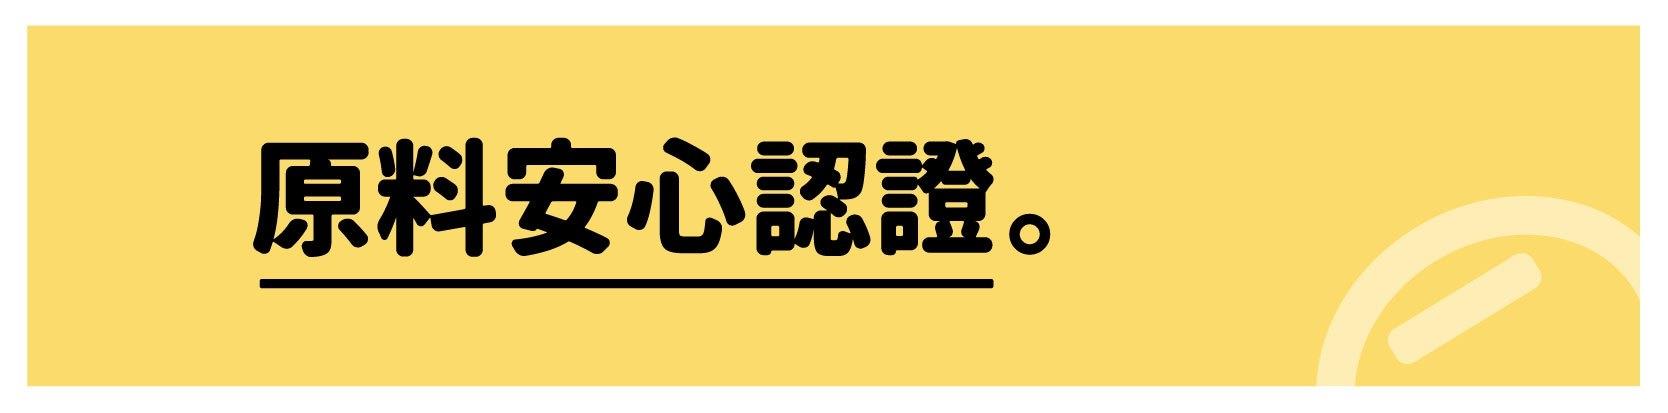 0428禾乃川商城資訊更新_210429_0.jpg